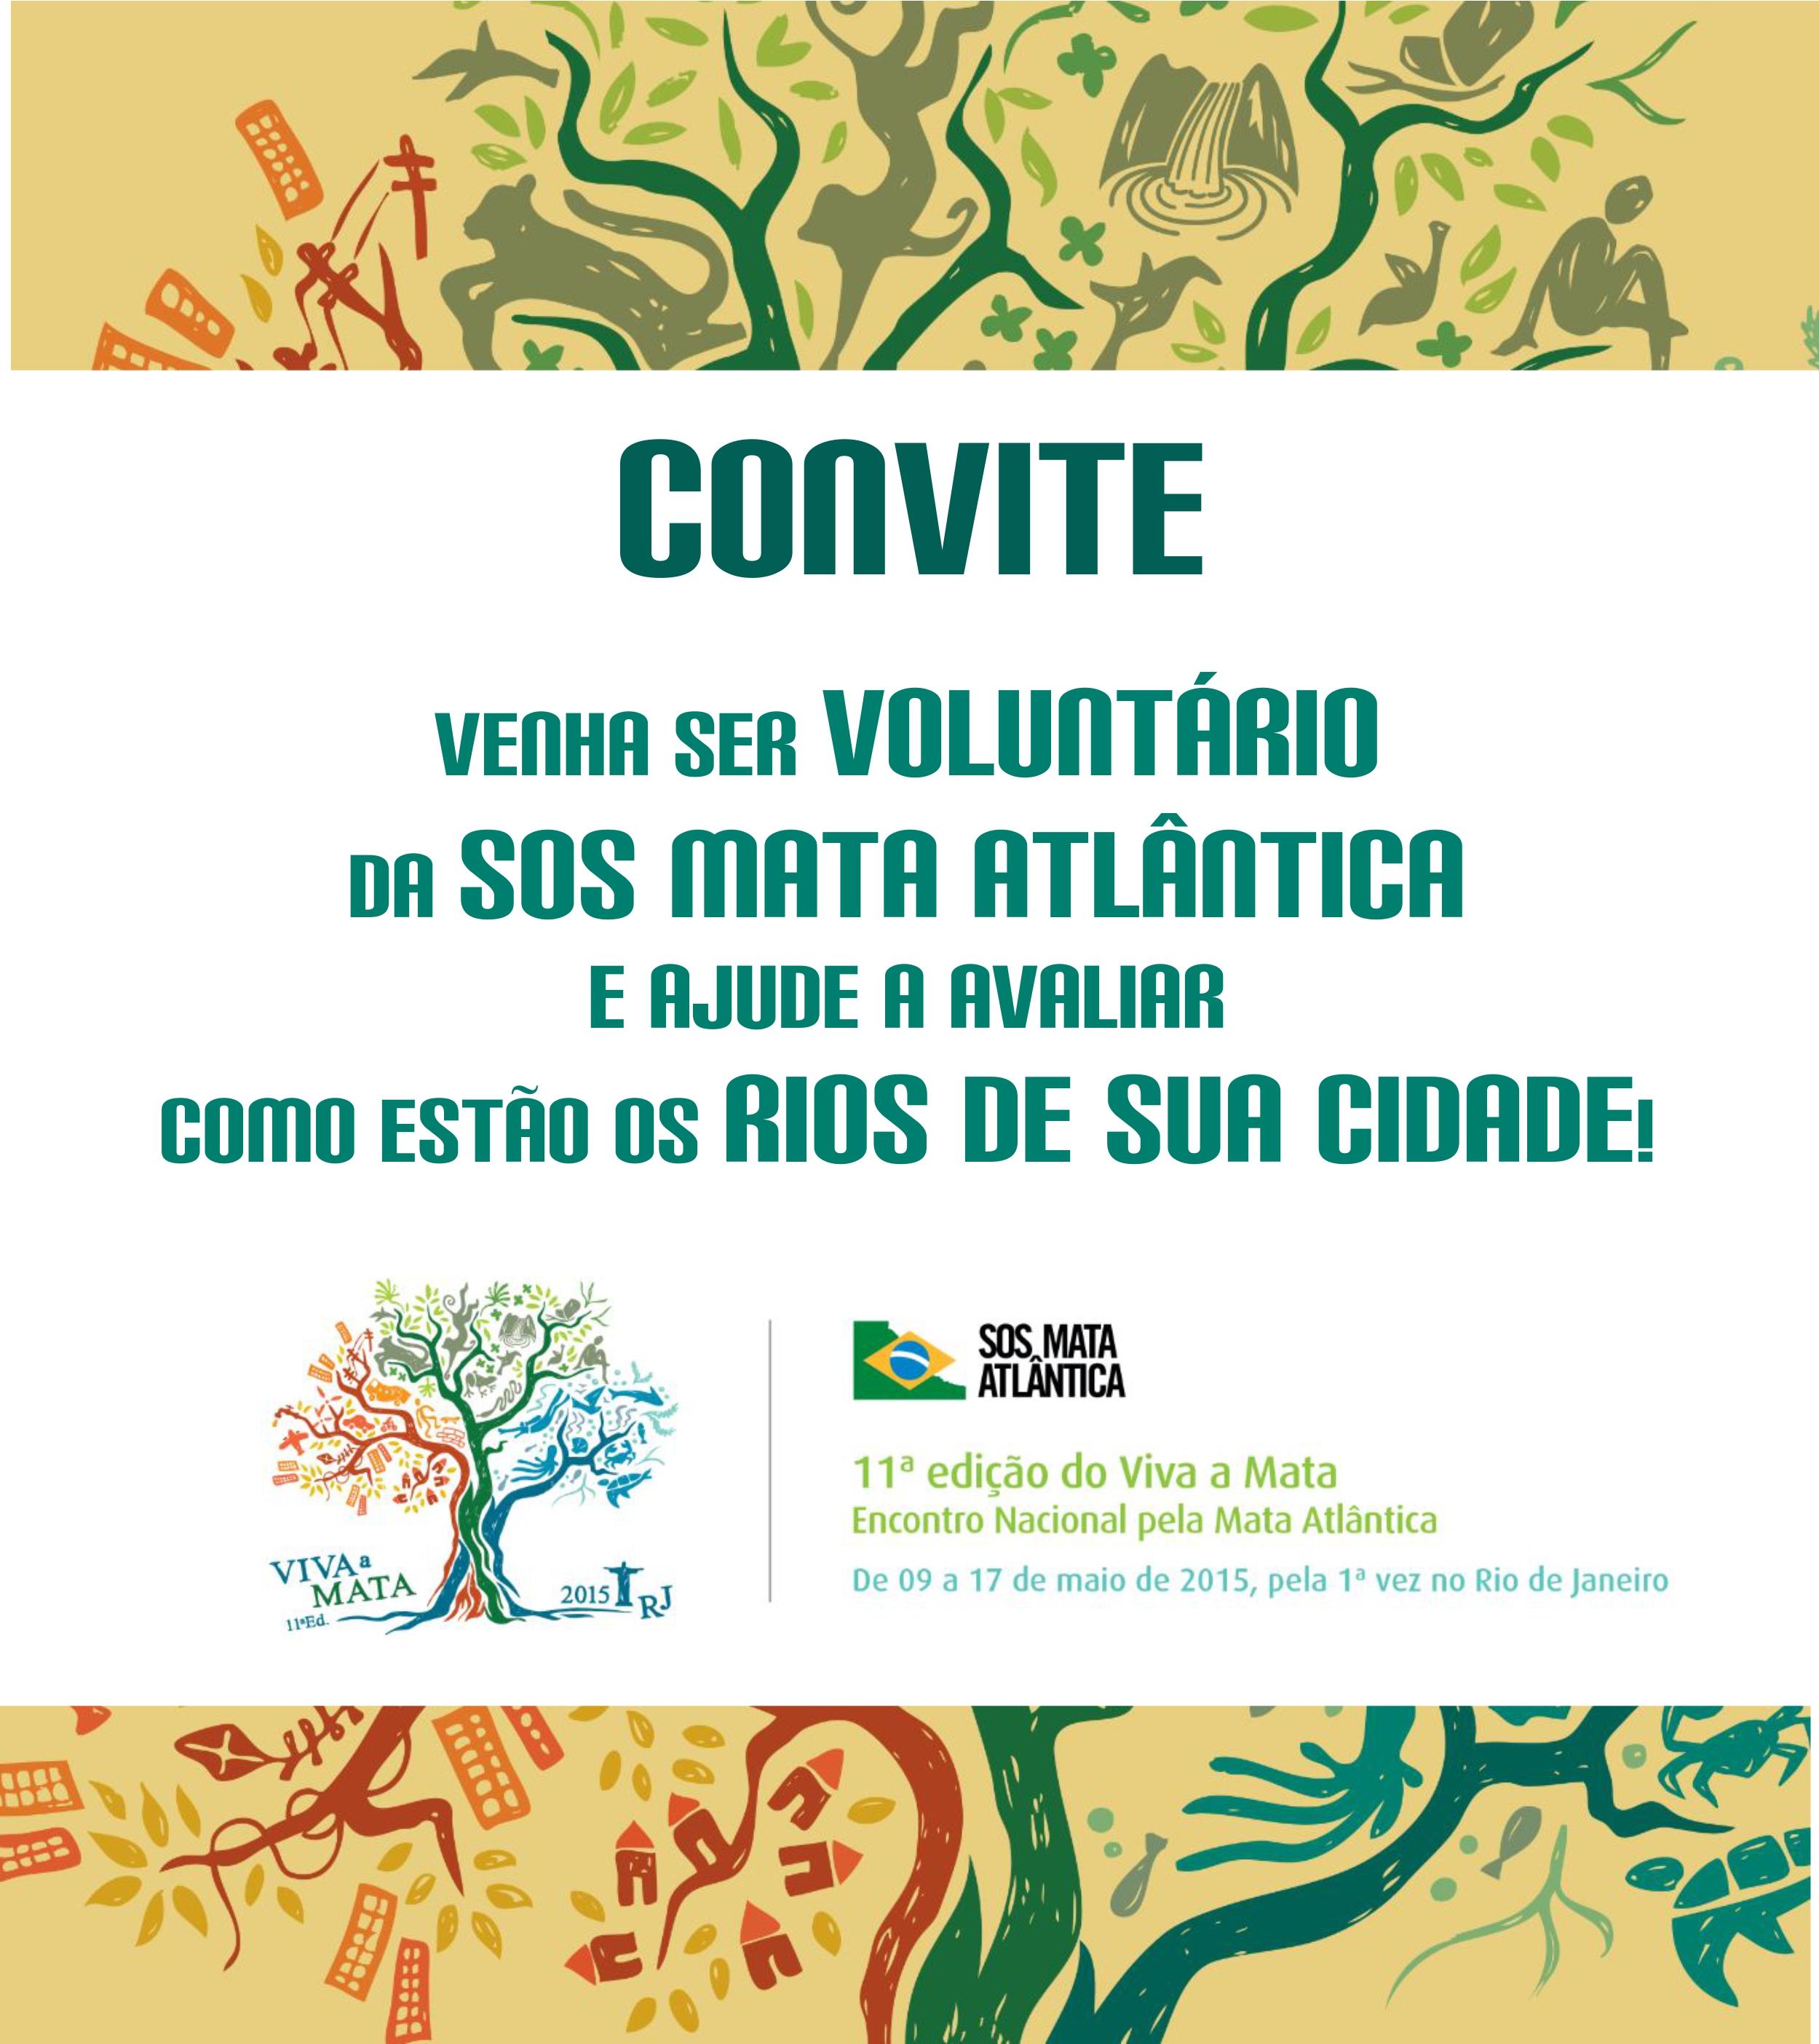 Ajude a Fundação a avaliar a qualidade da água no Rio de Janeiro